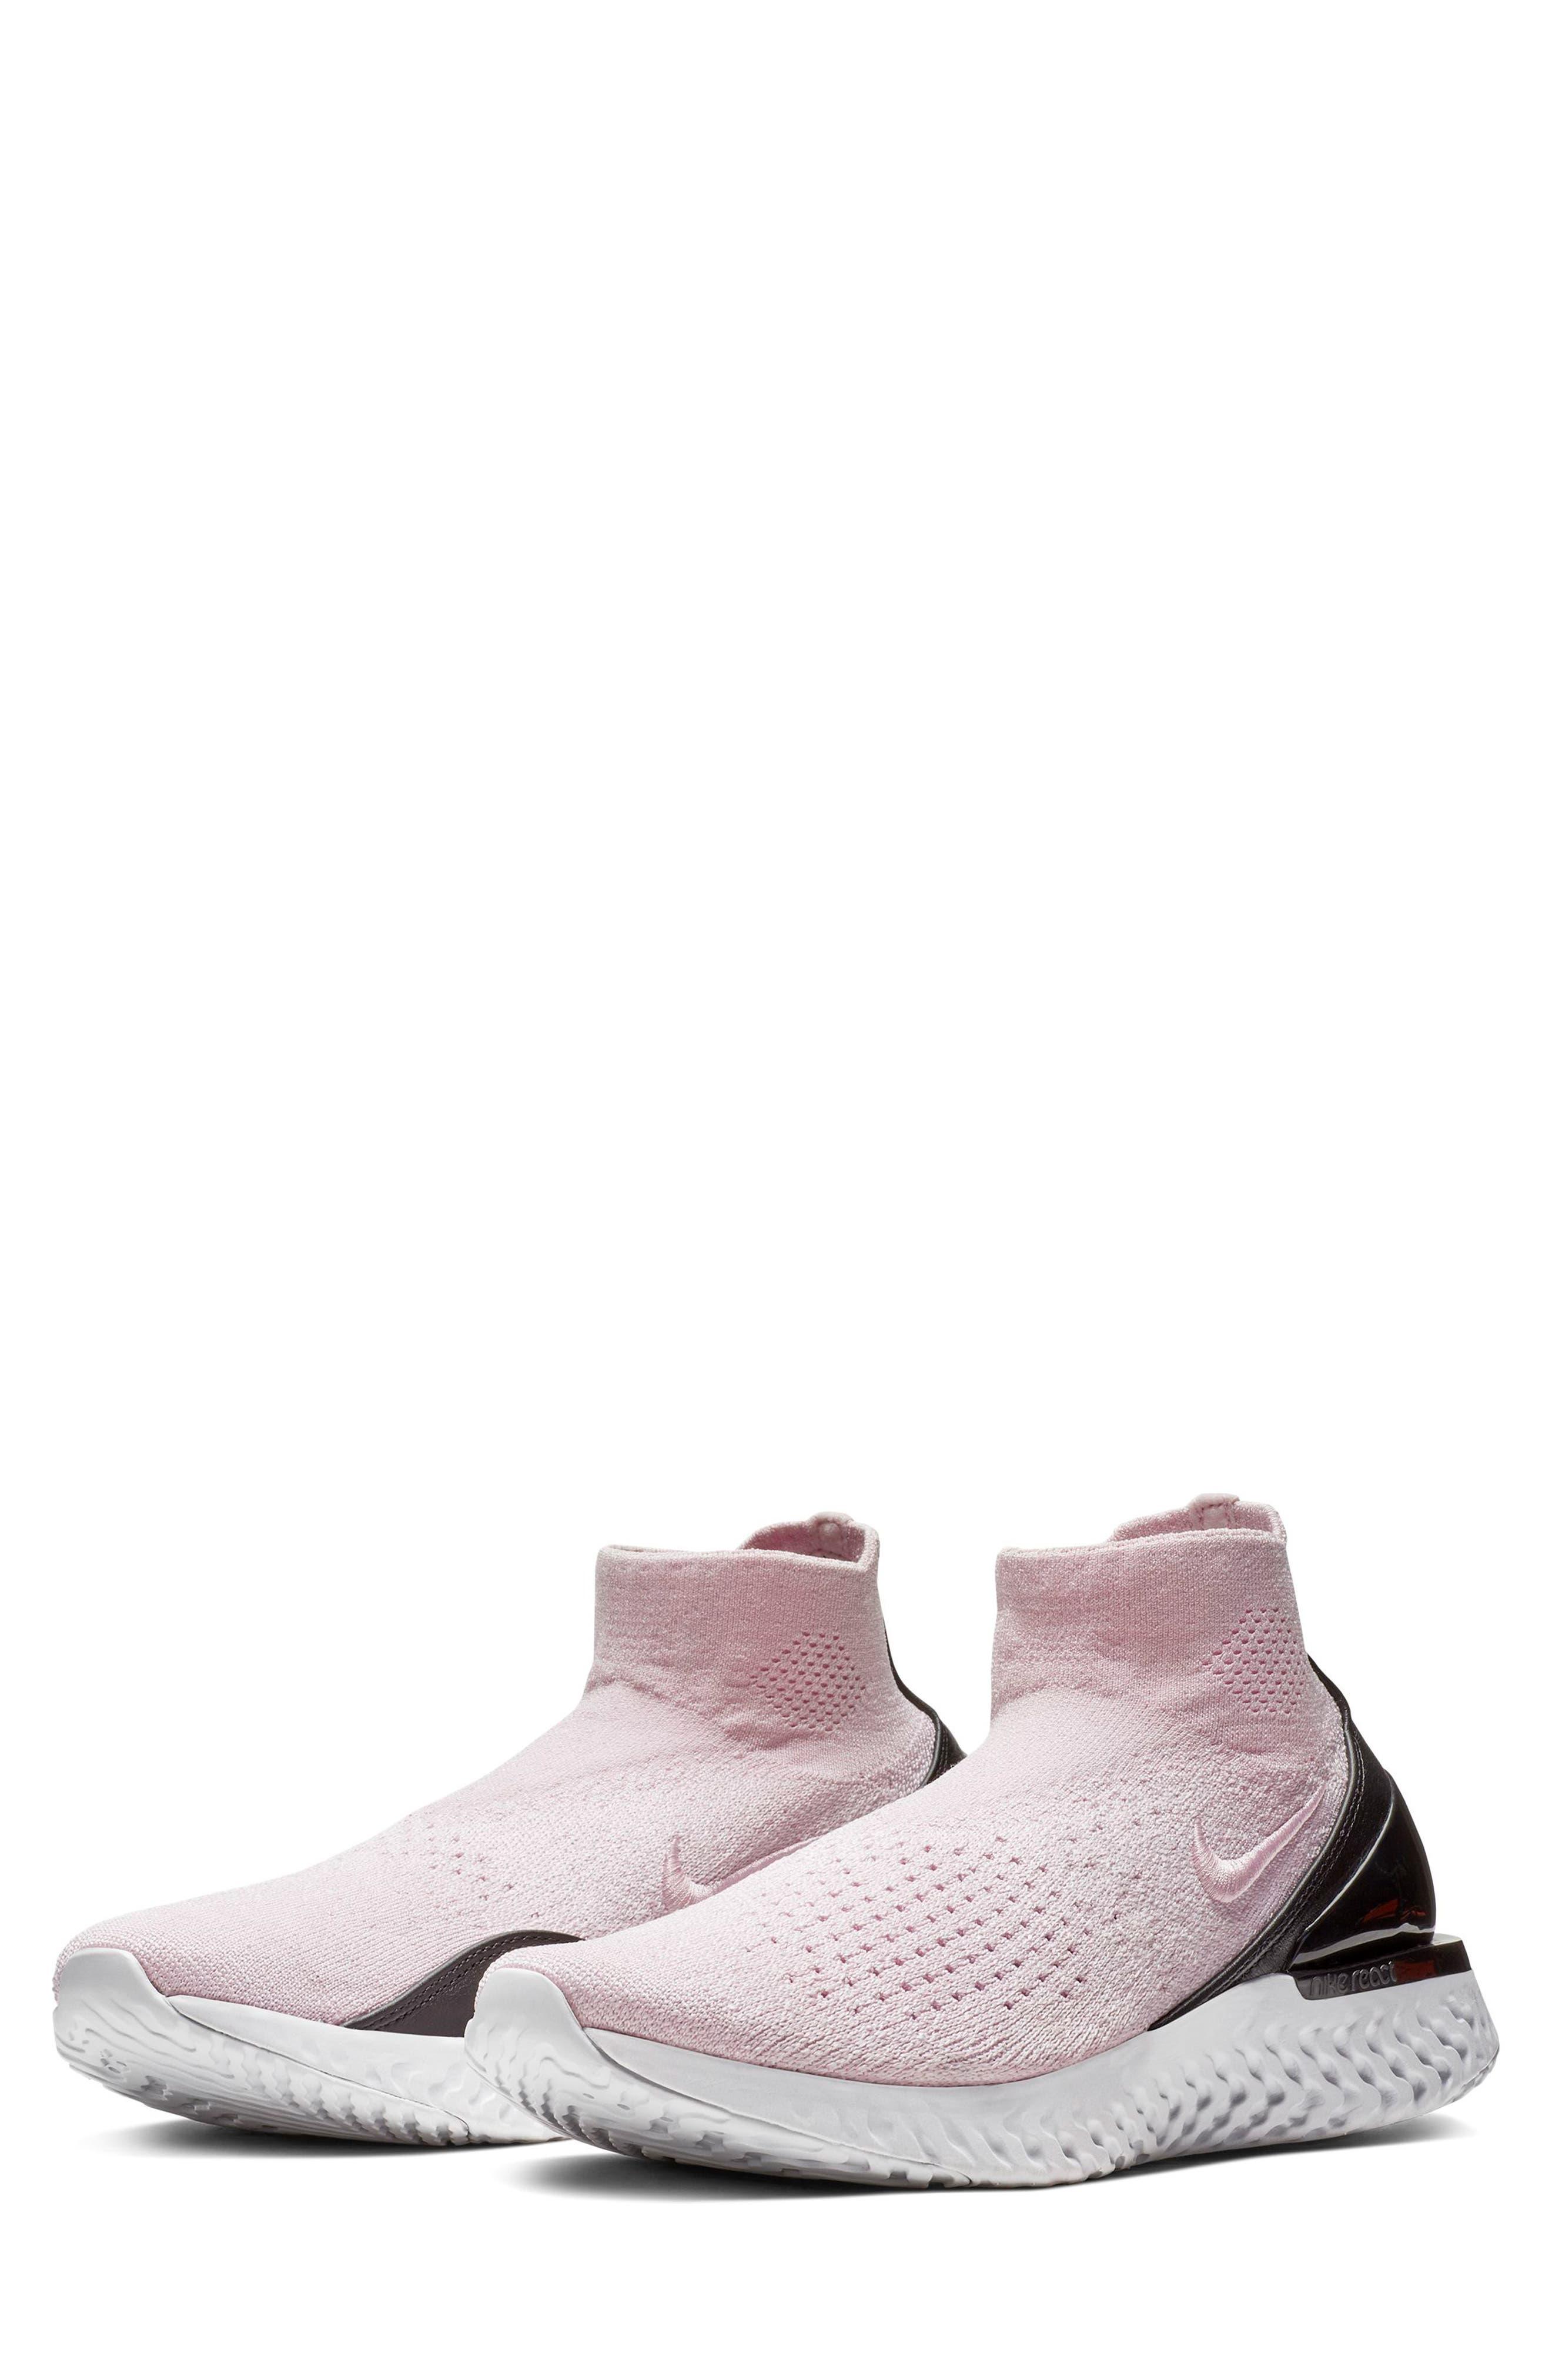 NIKE, Rise React FlyKnit Sneaker, Main thumbnail 1, color, PINK FOAM/ PINK FOAM/ BLACK